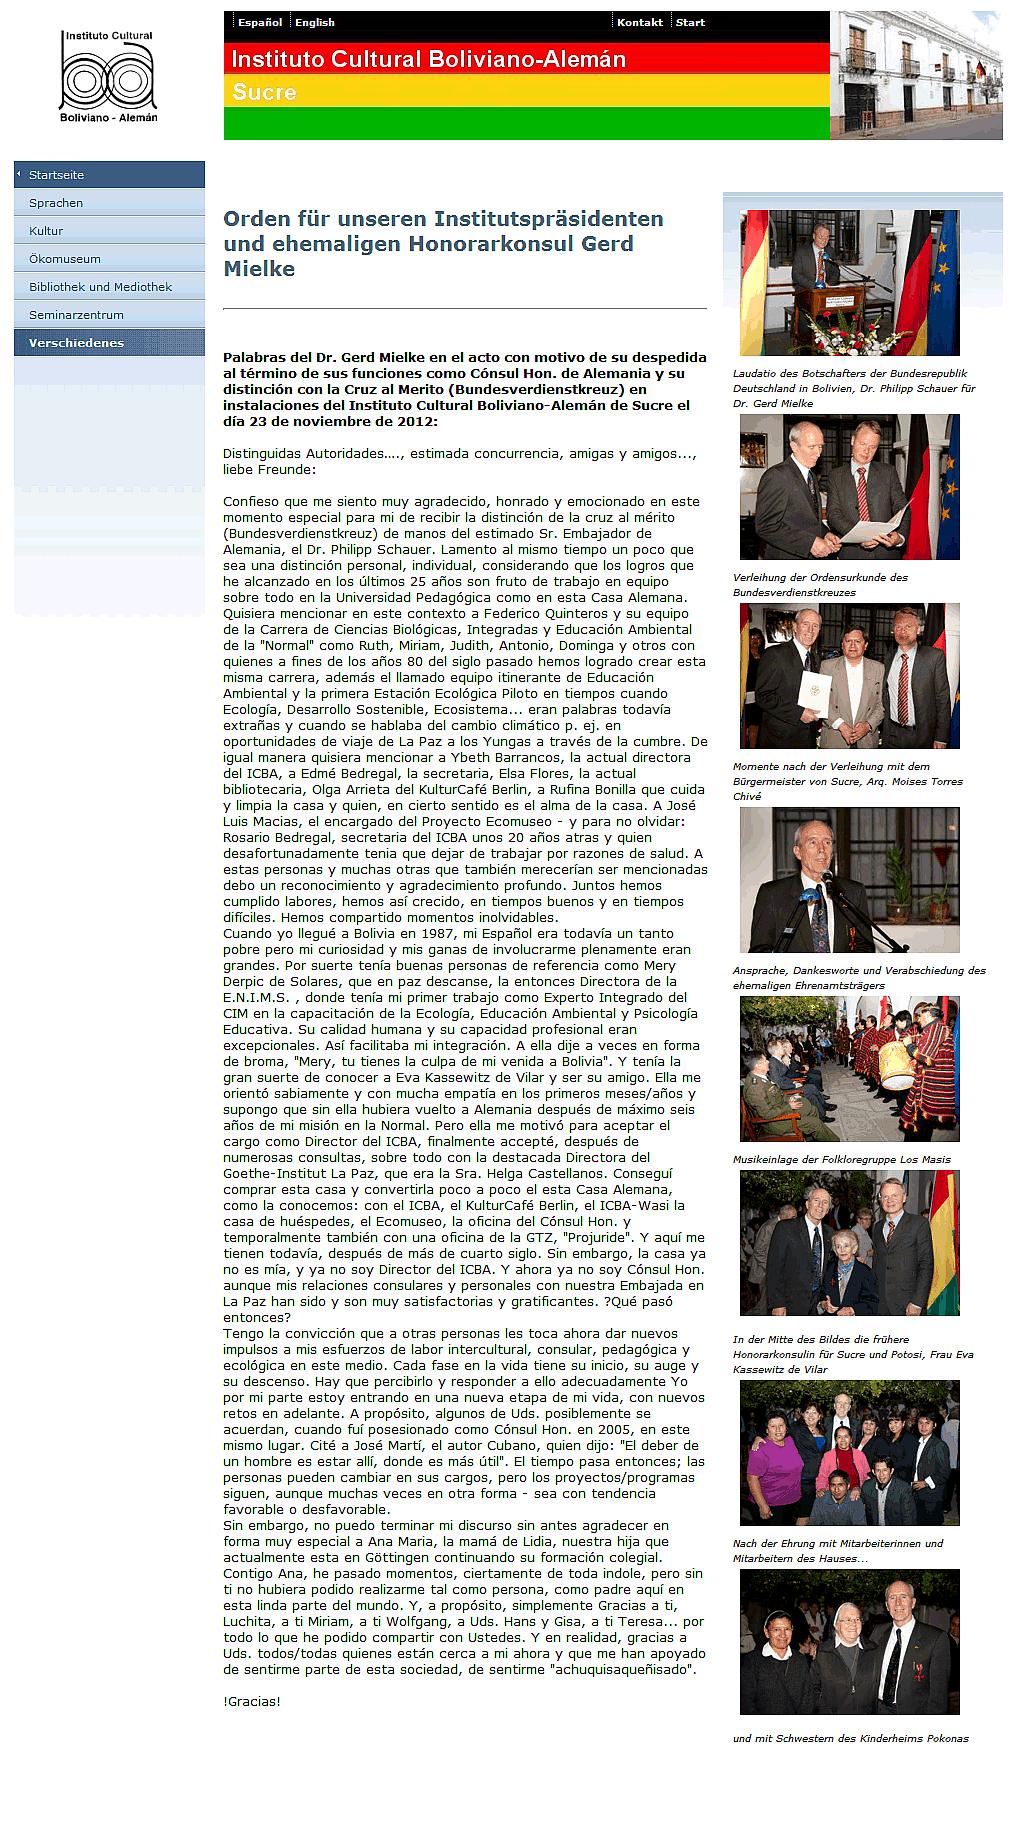 ICBA - Orden für Honorarkonsul Gerd Mielke png